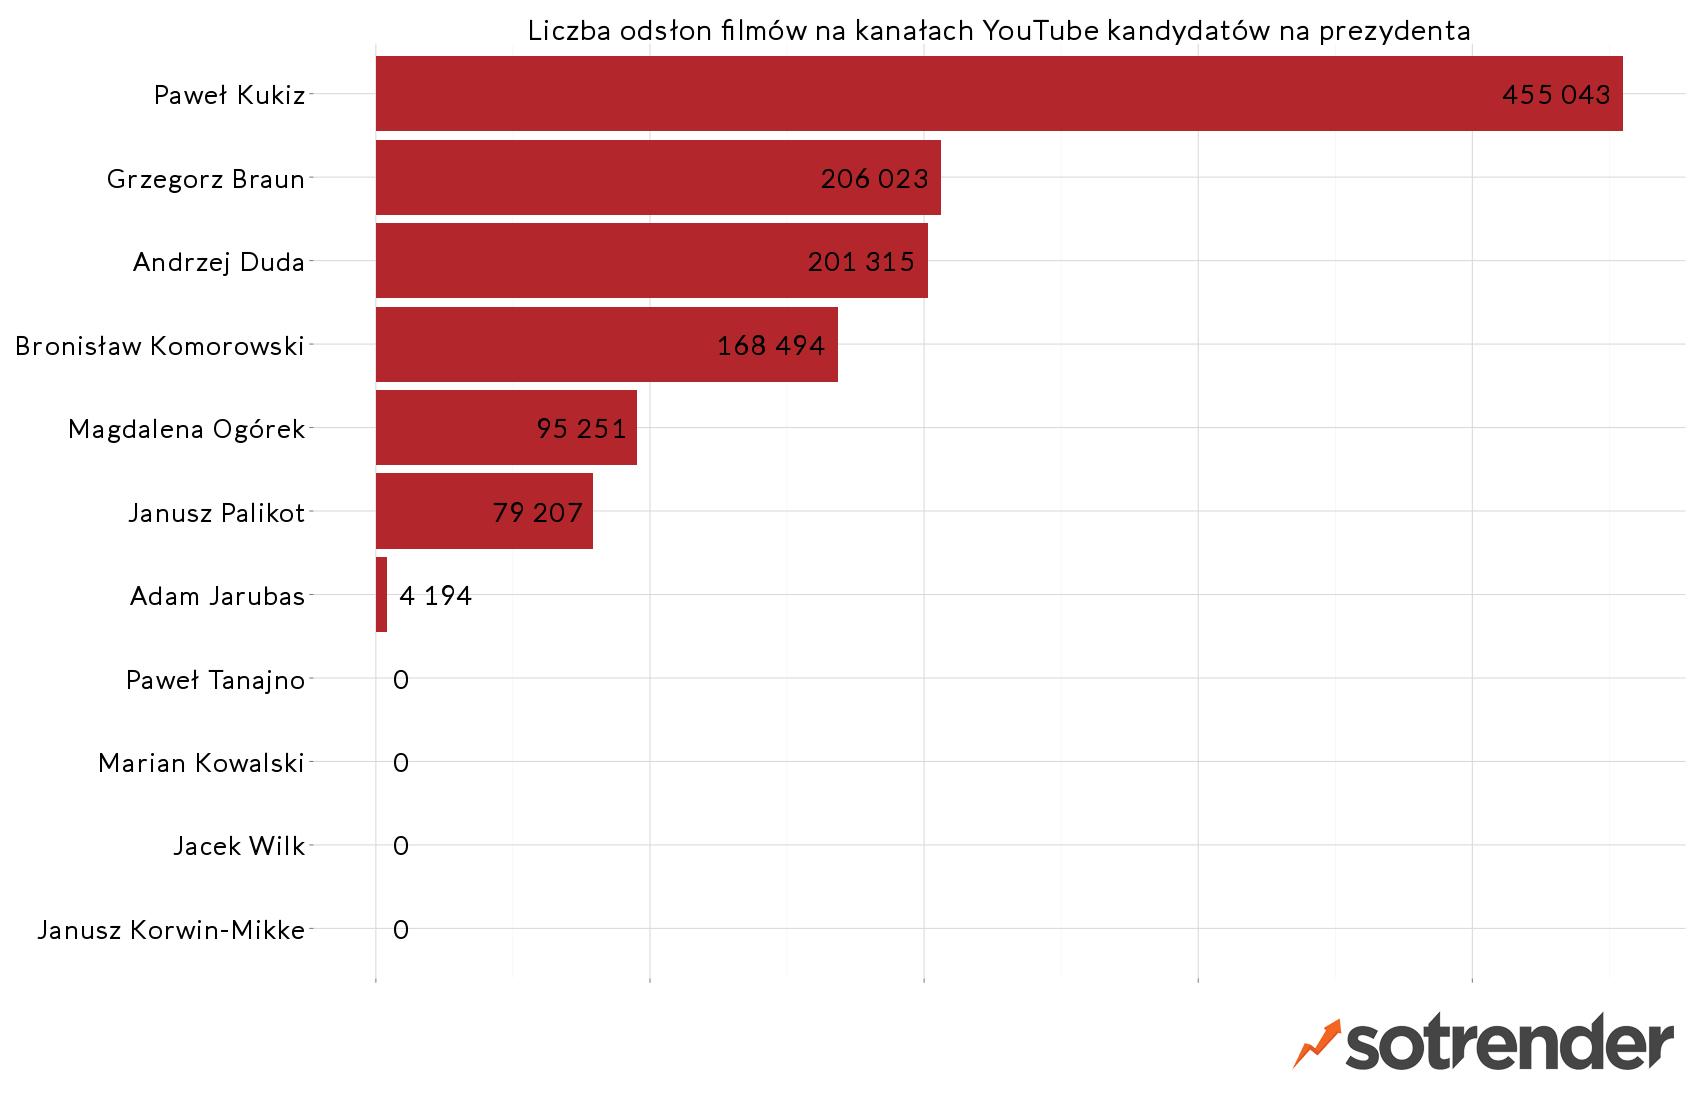 Liczba odsłon filmów na kanałach kandydatów na prezydenta - raport Sotrendera